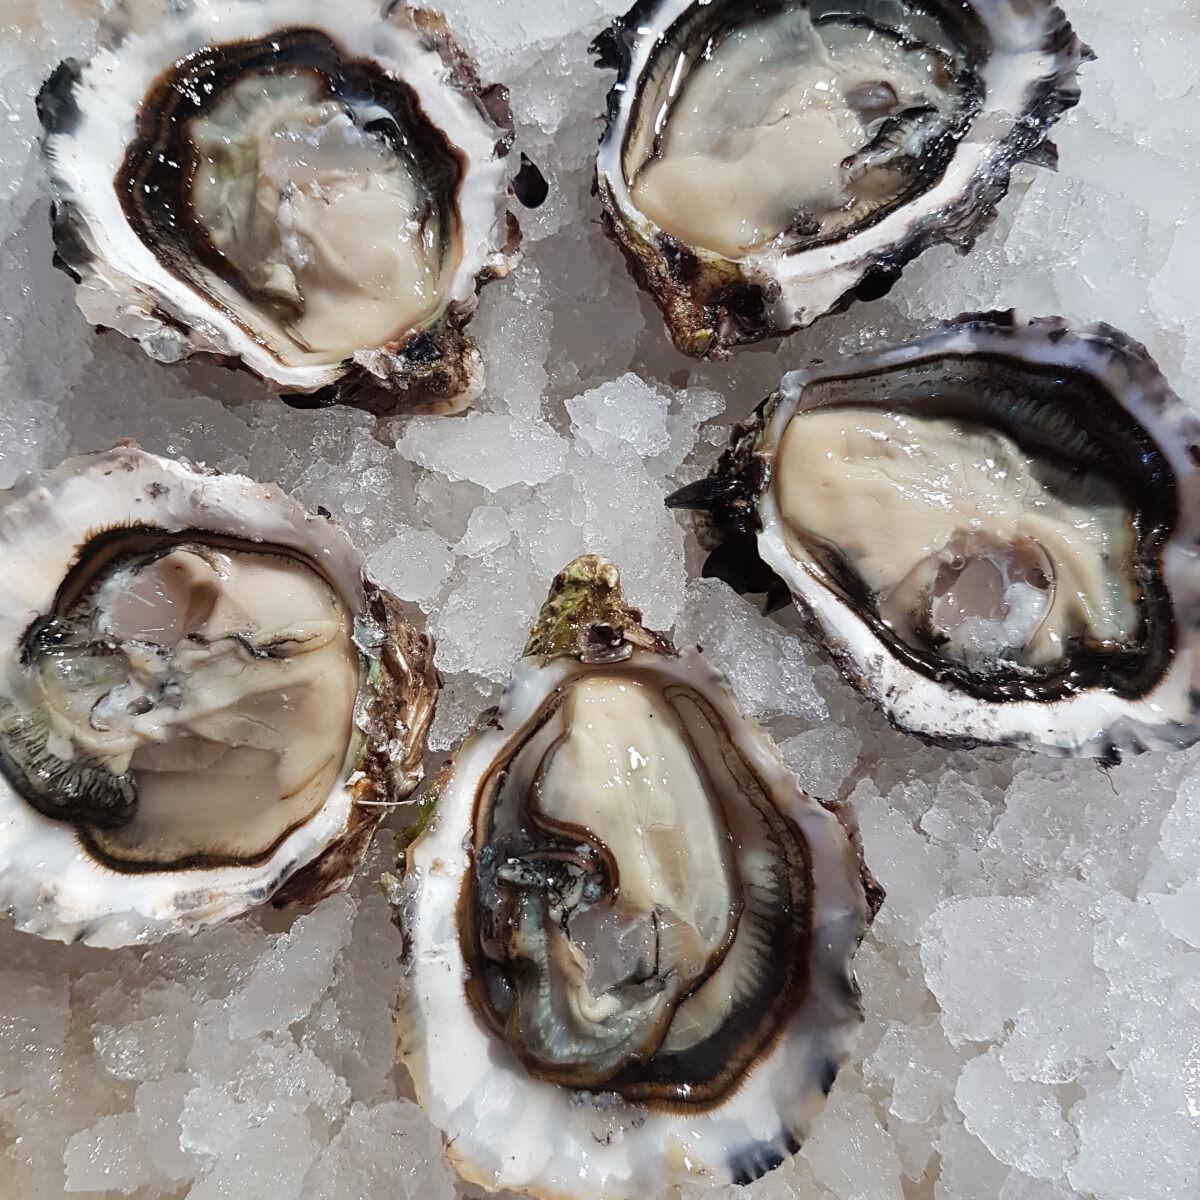 Camargue Coquillages La Perle De Camargue Huîtres Creuses N°3 Bio - 15 Kg